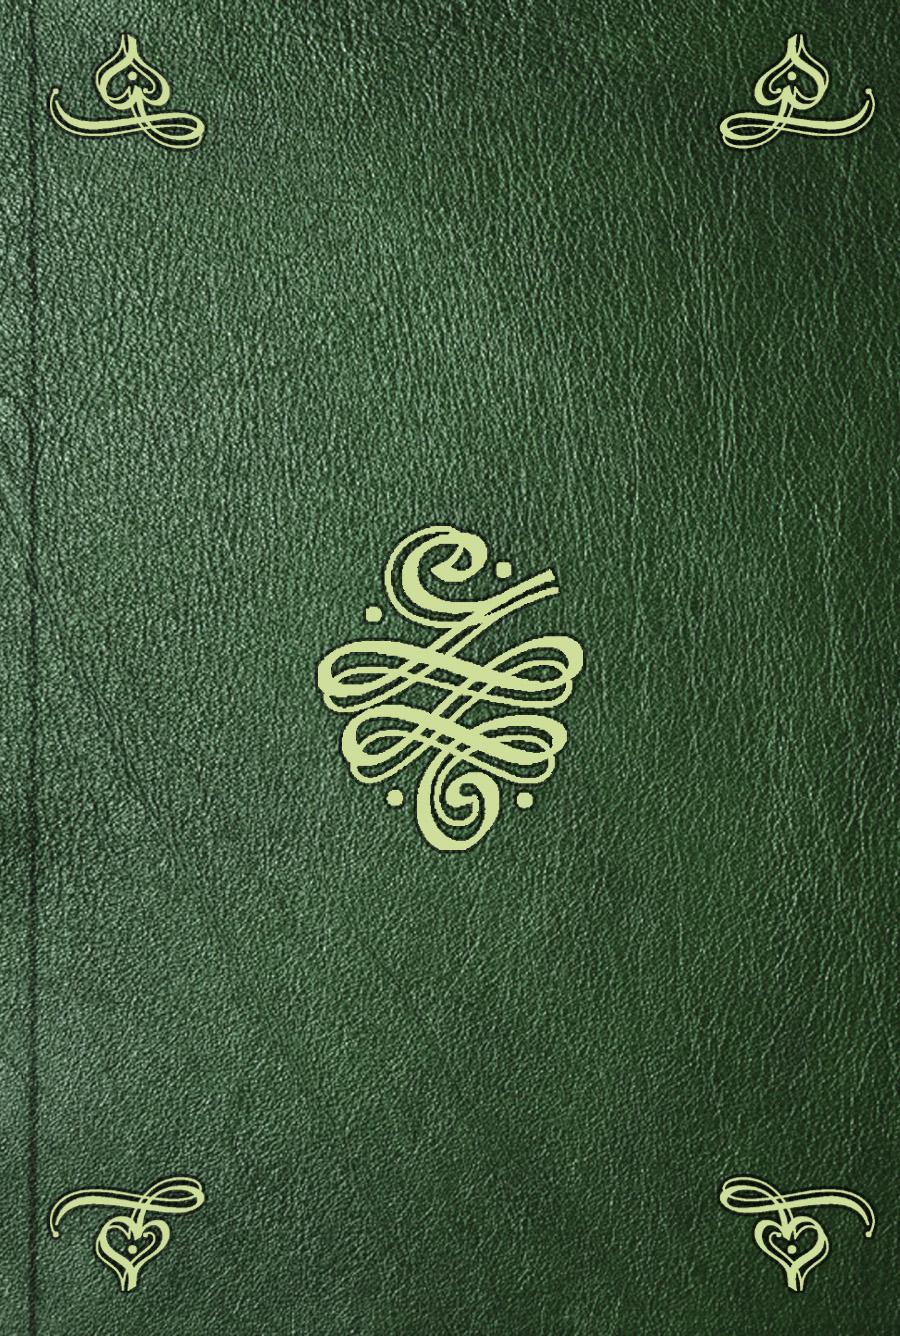 Karl von Gros Lehrbuch der philosophischen Rechtswissenschaft oder des Naturrechts salomon jadassohn lehrbuch des einfachen doppelten drei und vierfachen contrapunkts